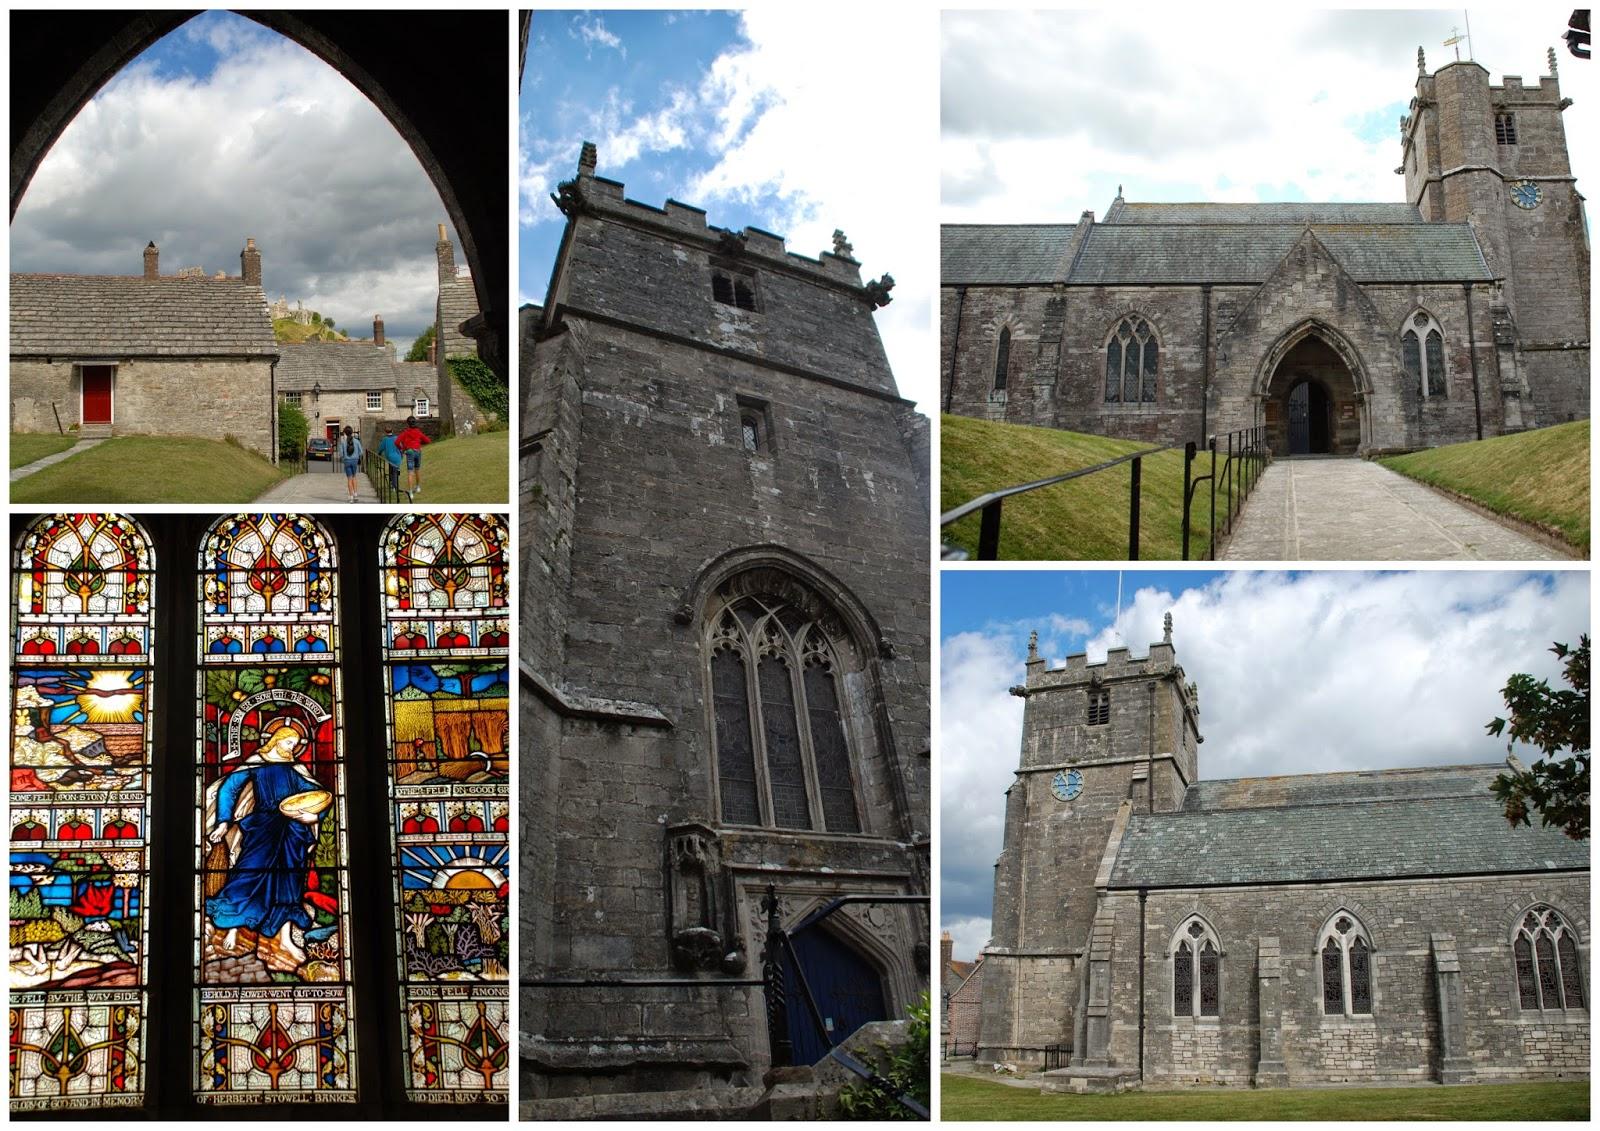 St. Edward's Church, Corfe Village Dorset